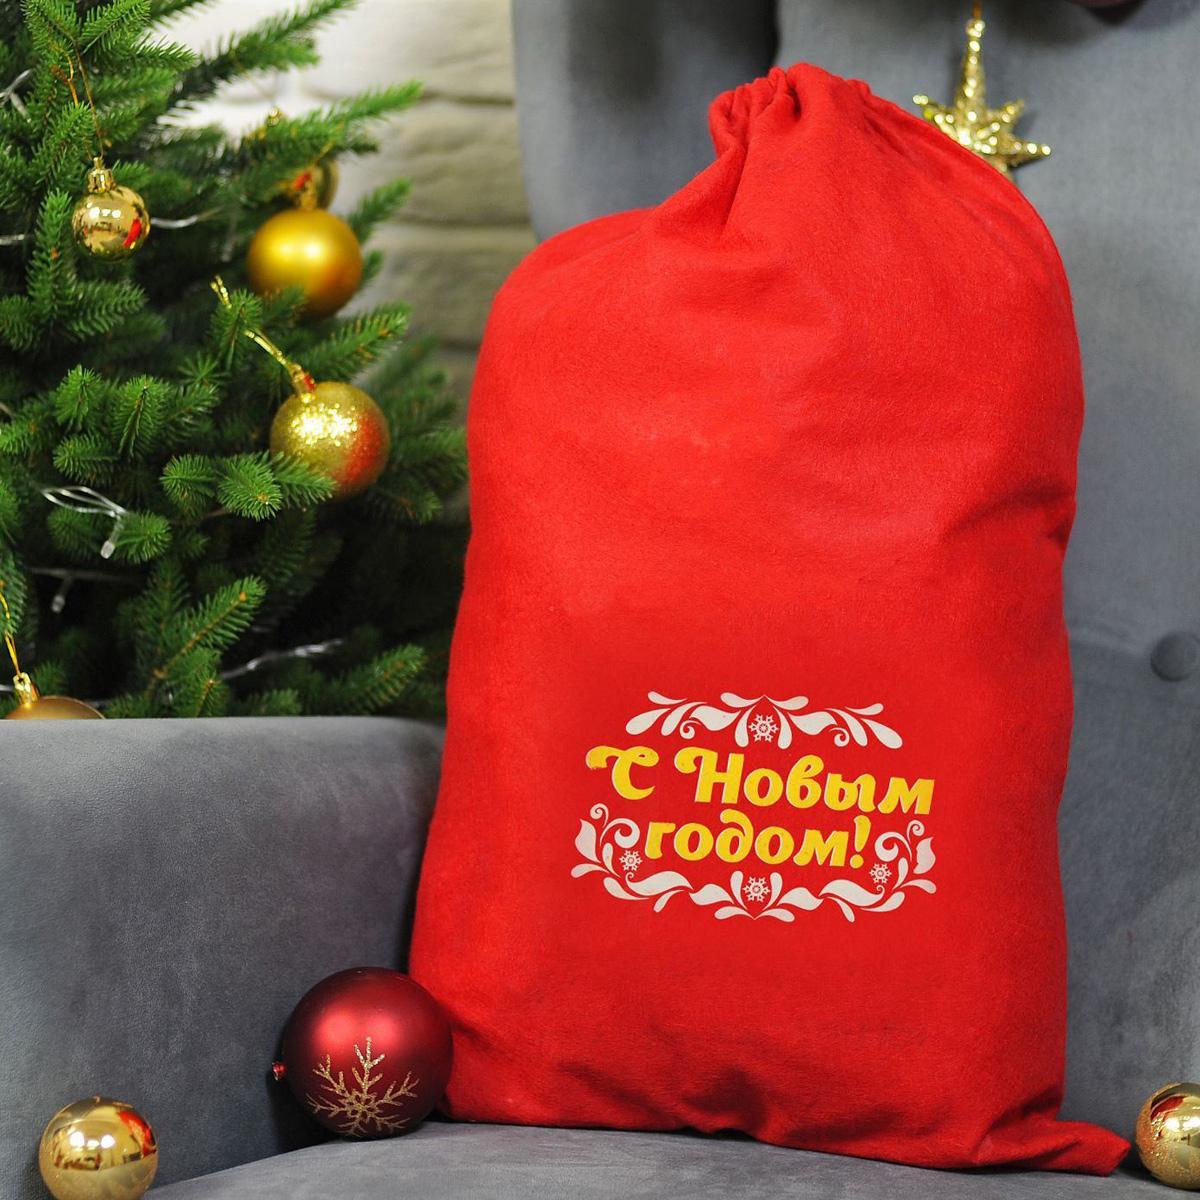 Упаковка подарочная Страна Карнавалия Мешок Деда Мороза. С Новым Годом. Узоры, цвет: красный, 40 х 60 см1365012Подарочная упаковка Страна Карнавалия Мешок Деда Мороза. С Новым Годом. Узоры превратит любое торжество в настоящий яркий и веселый карнавал полный сюрпризов и смеха. Яркий красный аксессуар с надписью дополнит любой праздничный наряд, и все близкие будут рады получить из рук краснощекого персонажа заслуженный подарок! Размер: 40 х 60 см.